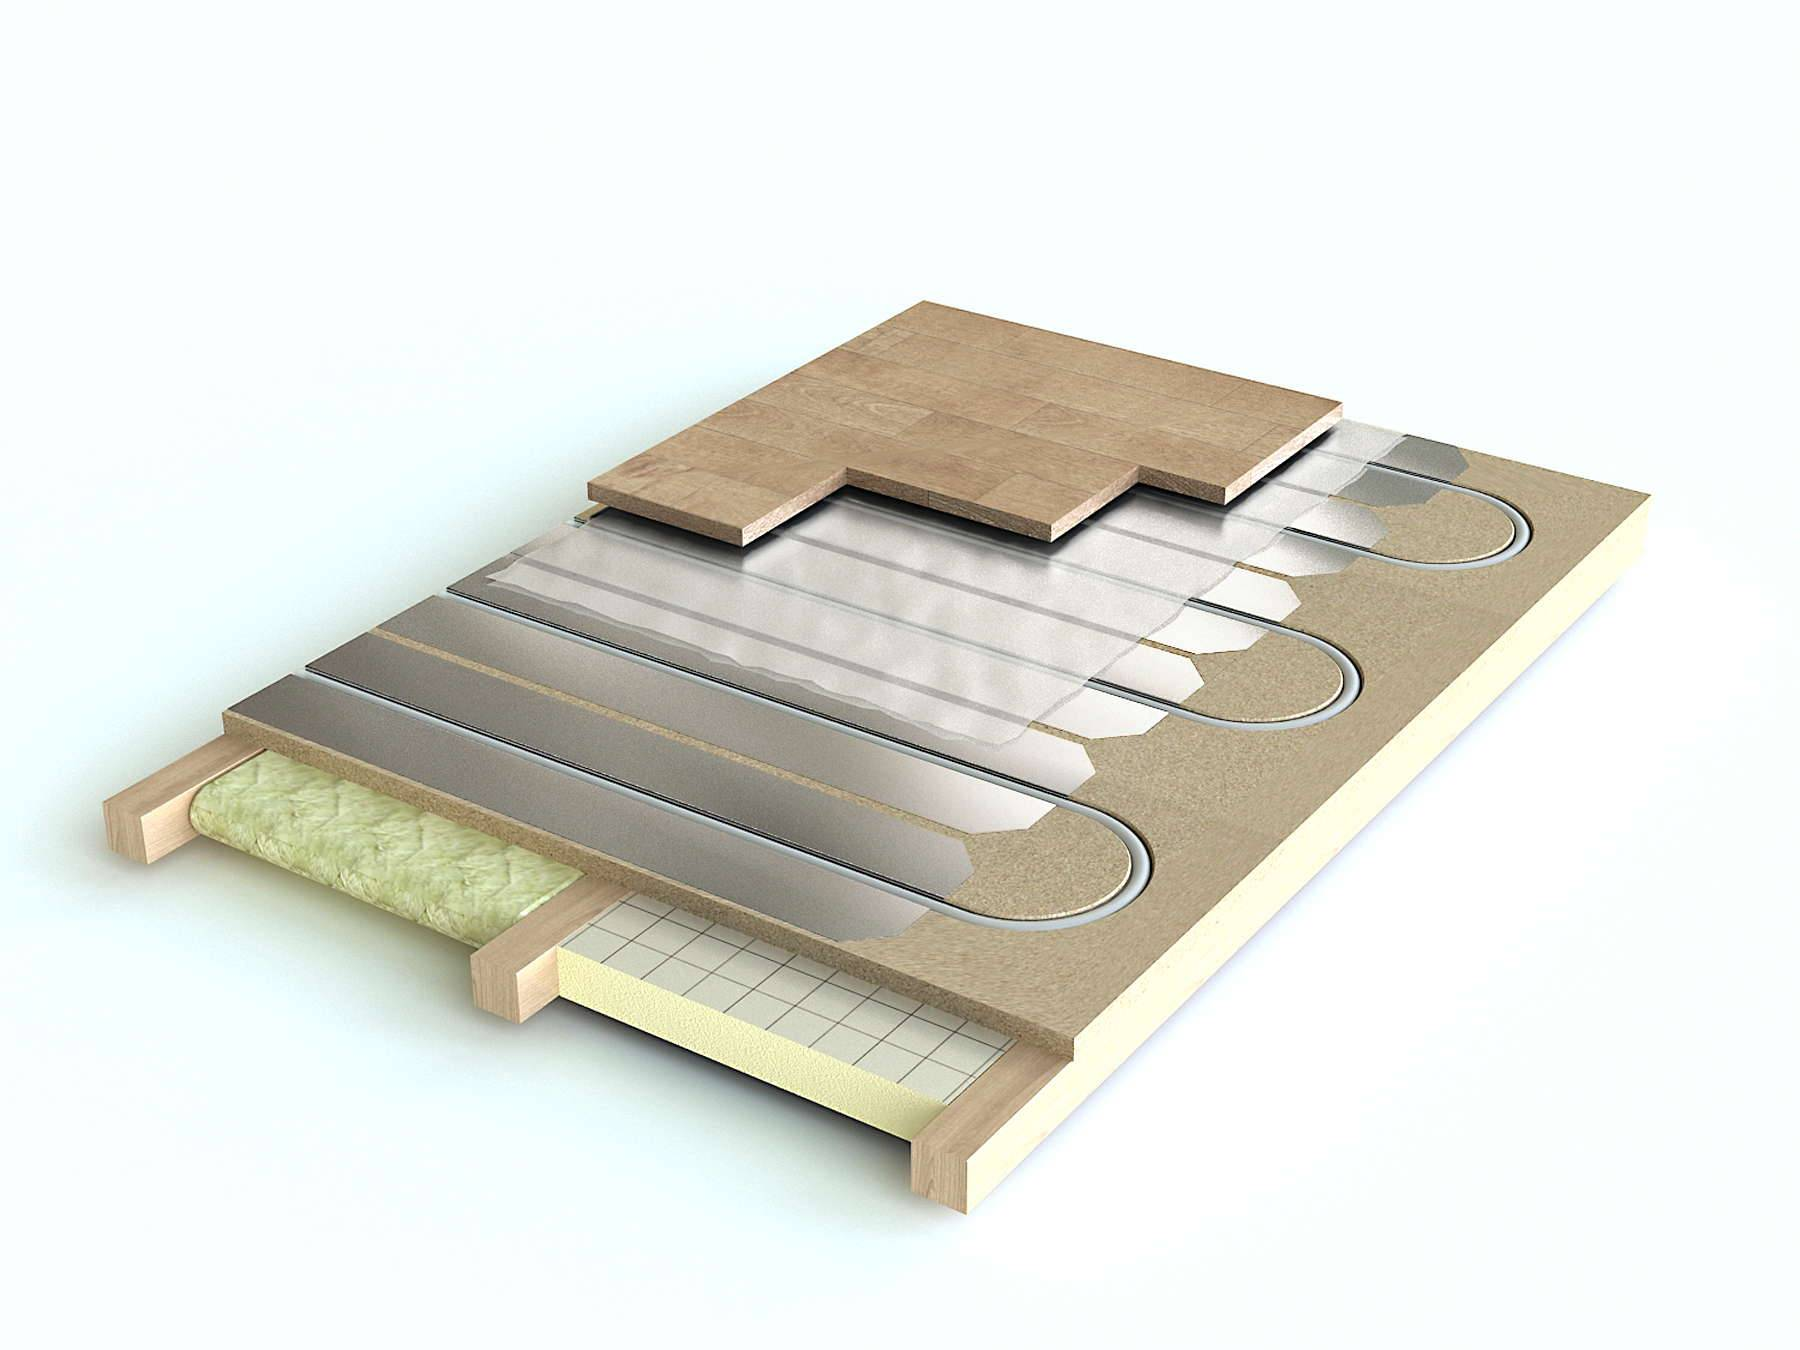 Теплые полы под ламинат: сравниваем электрический, водяной и инфракрасный